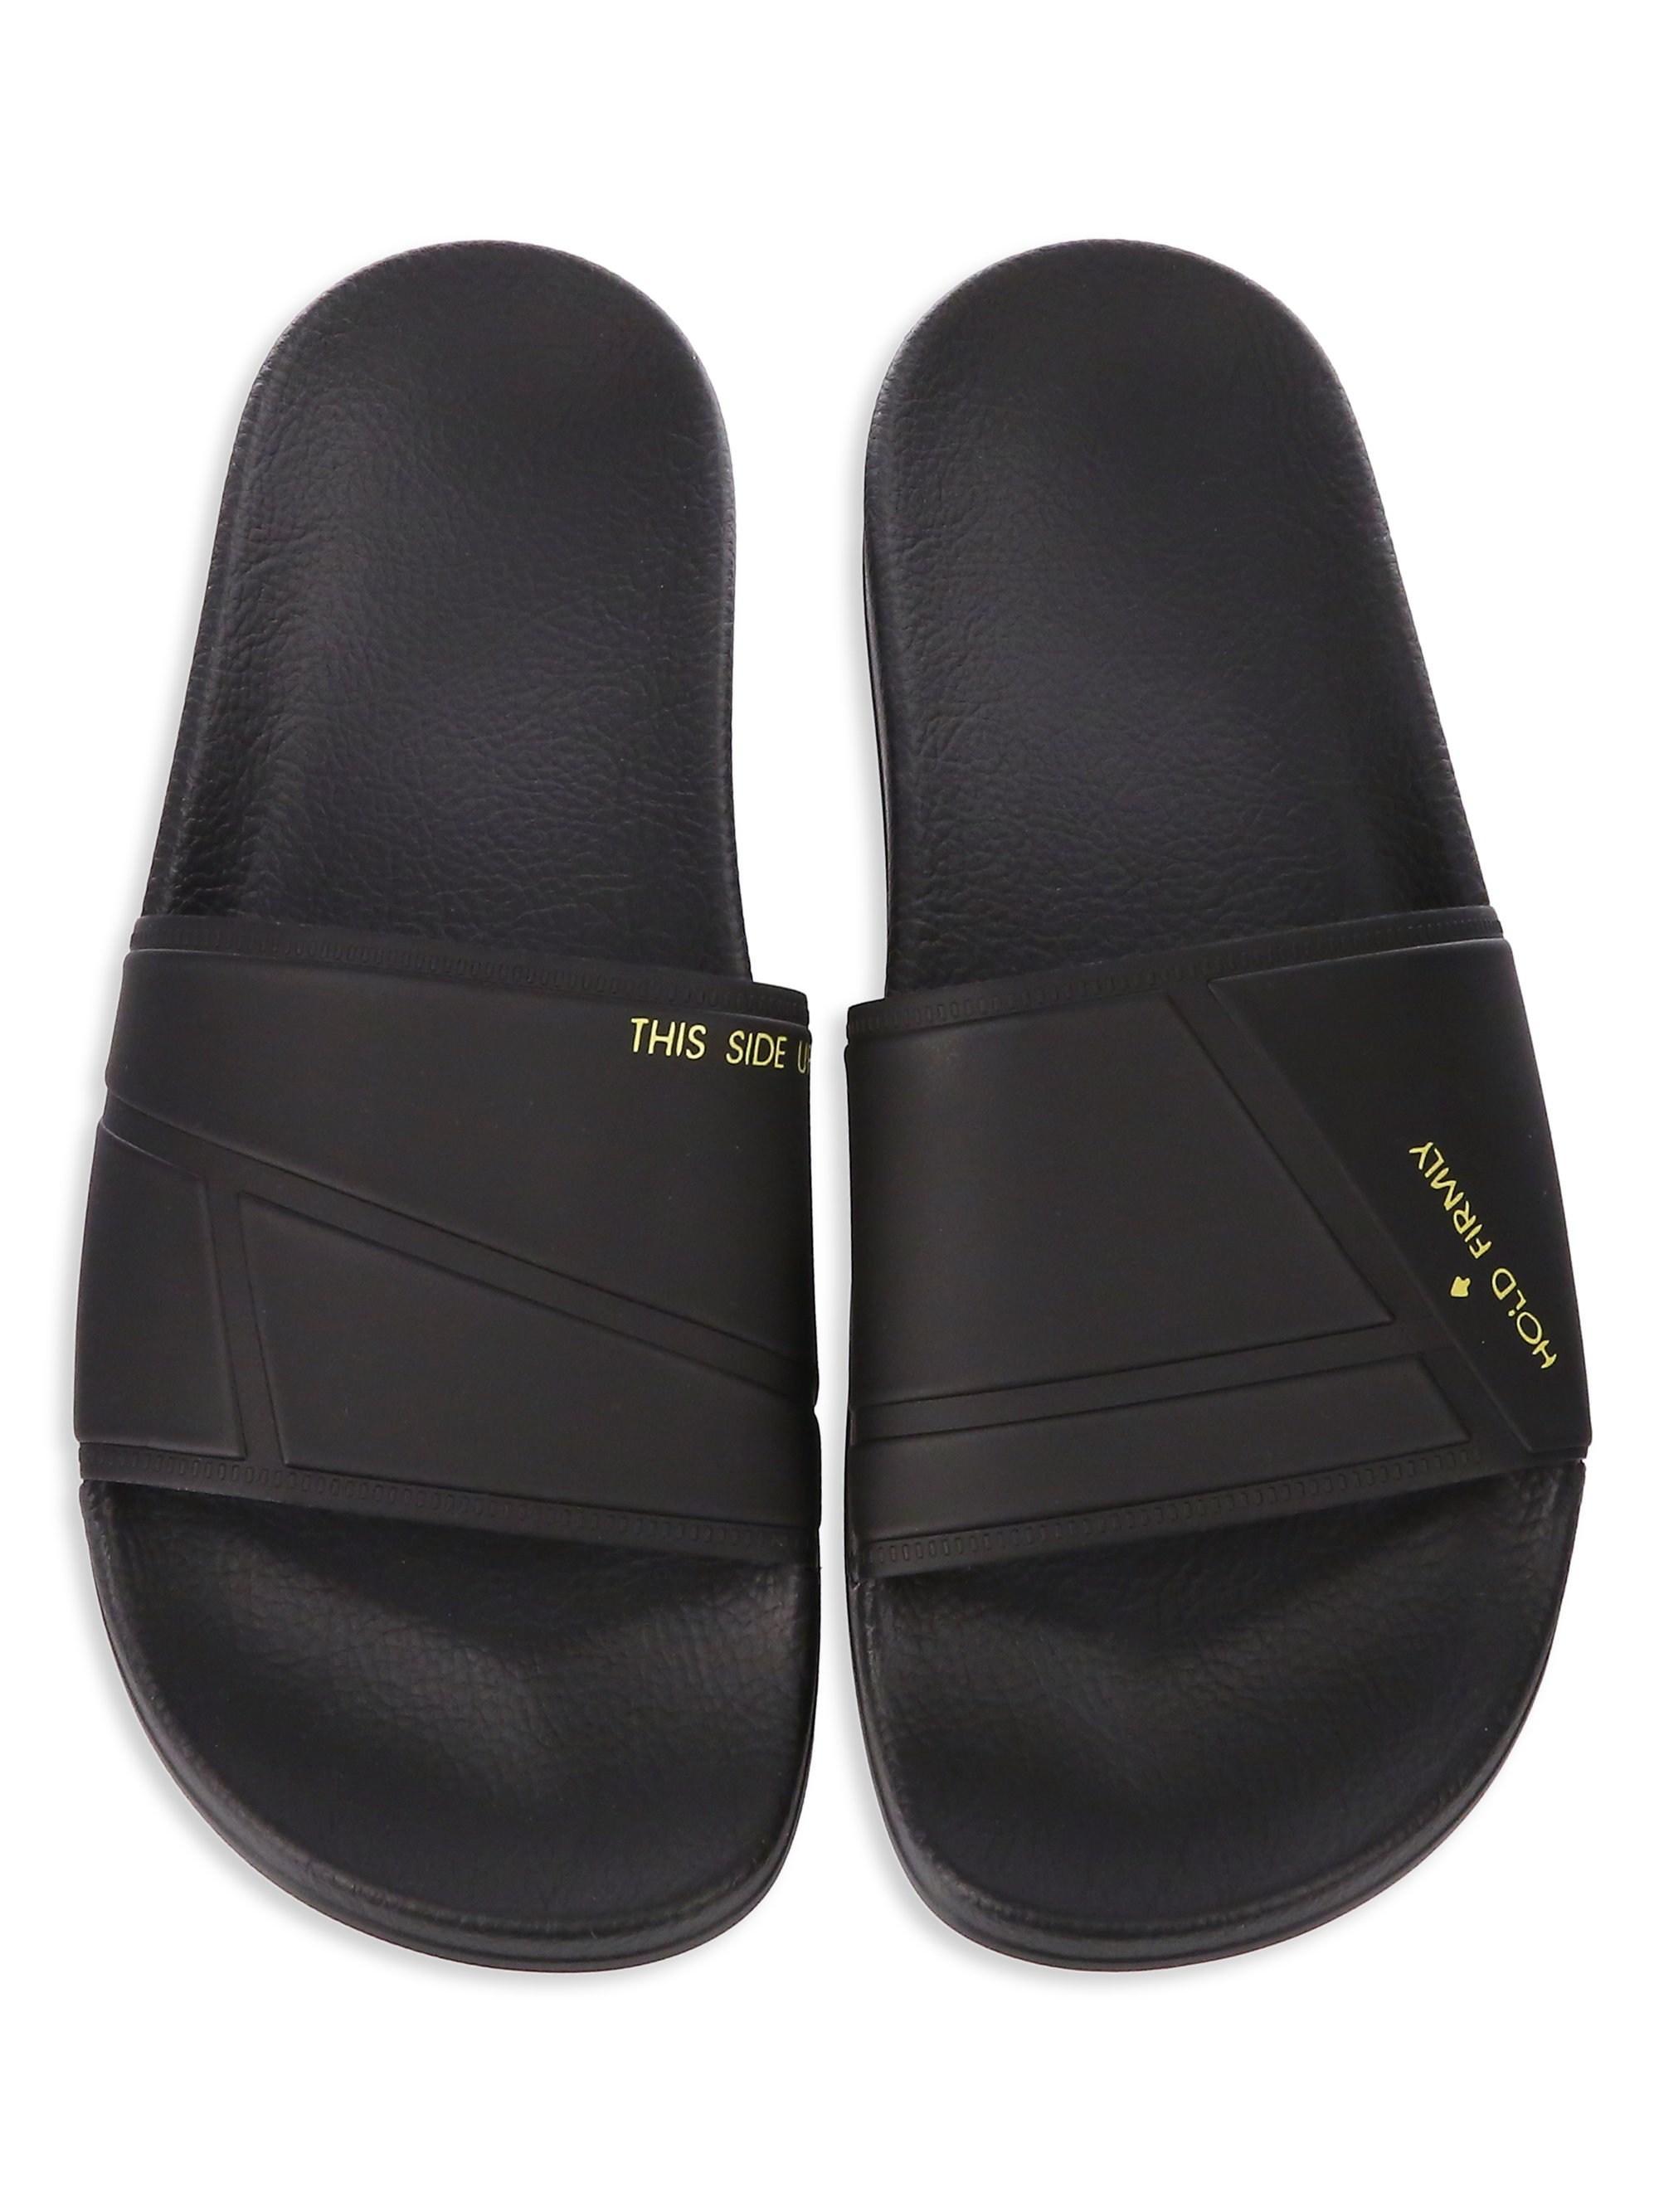 deea5571297fc3 Lyst - adidas By Raf Simons Raf Adilette Rubber Slides in Black for Men